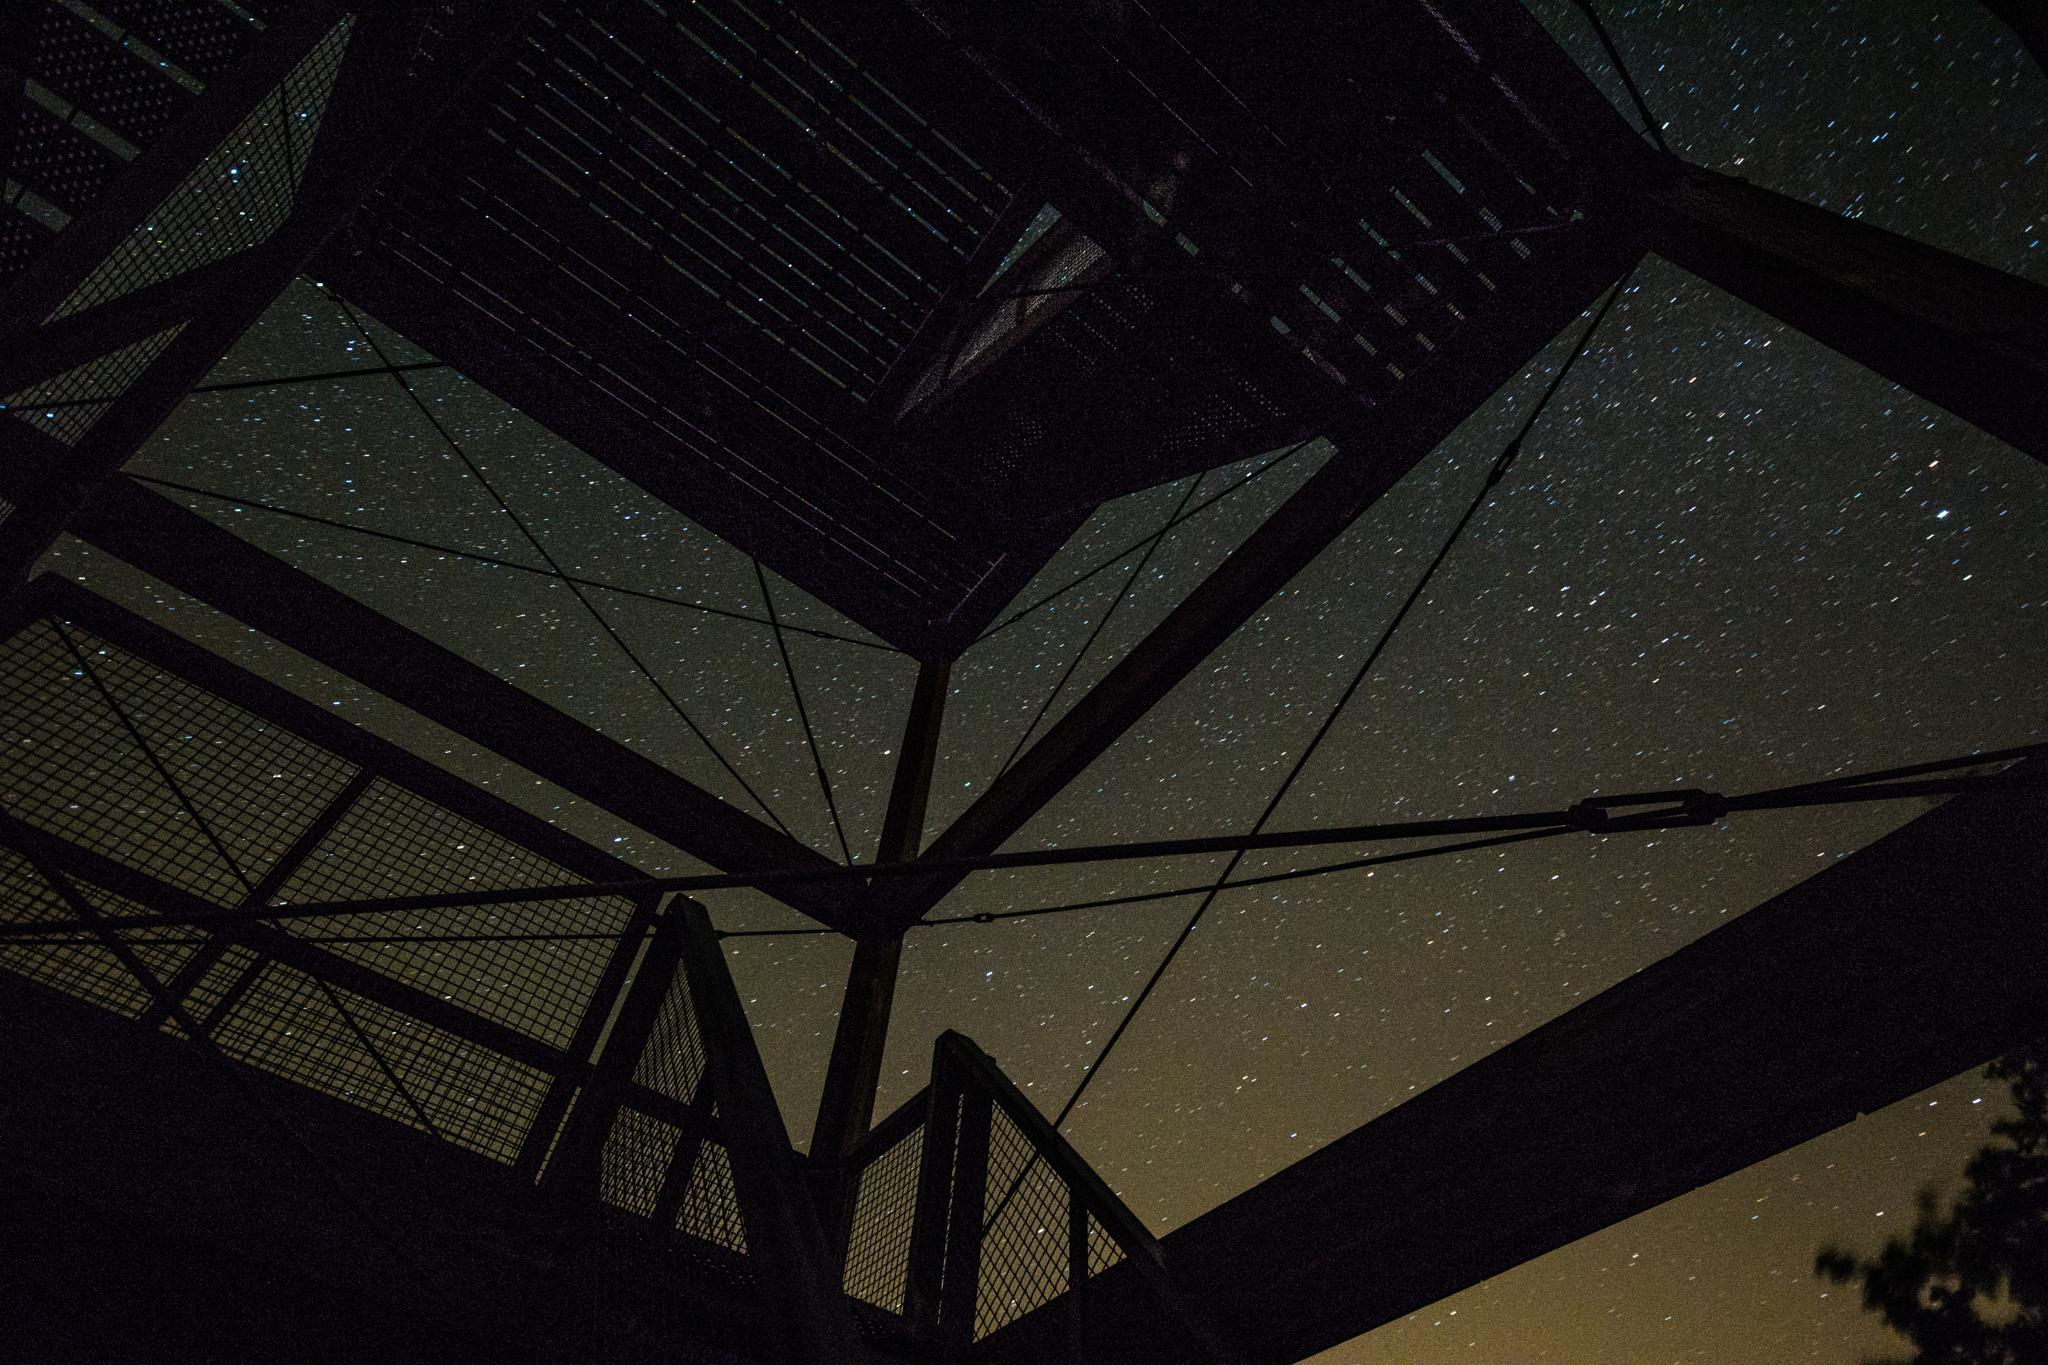 sky by  night seen from a watchtower by TaraKiekt.nl